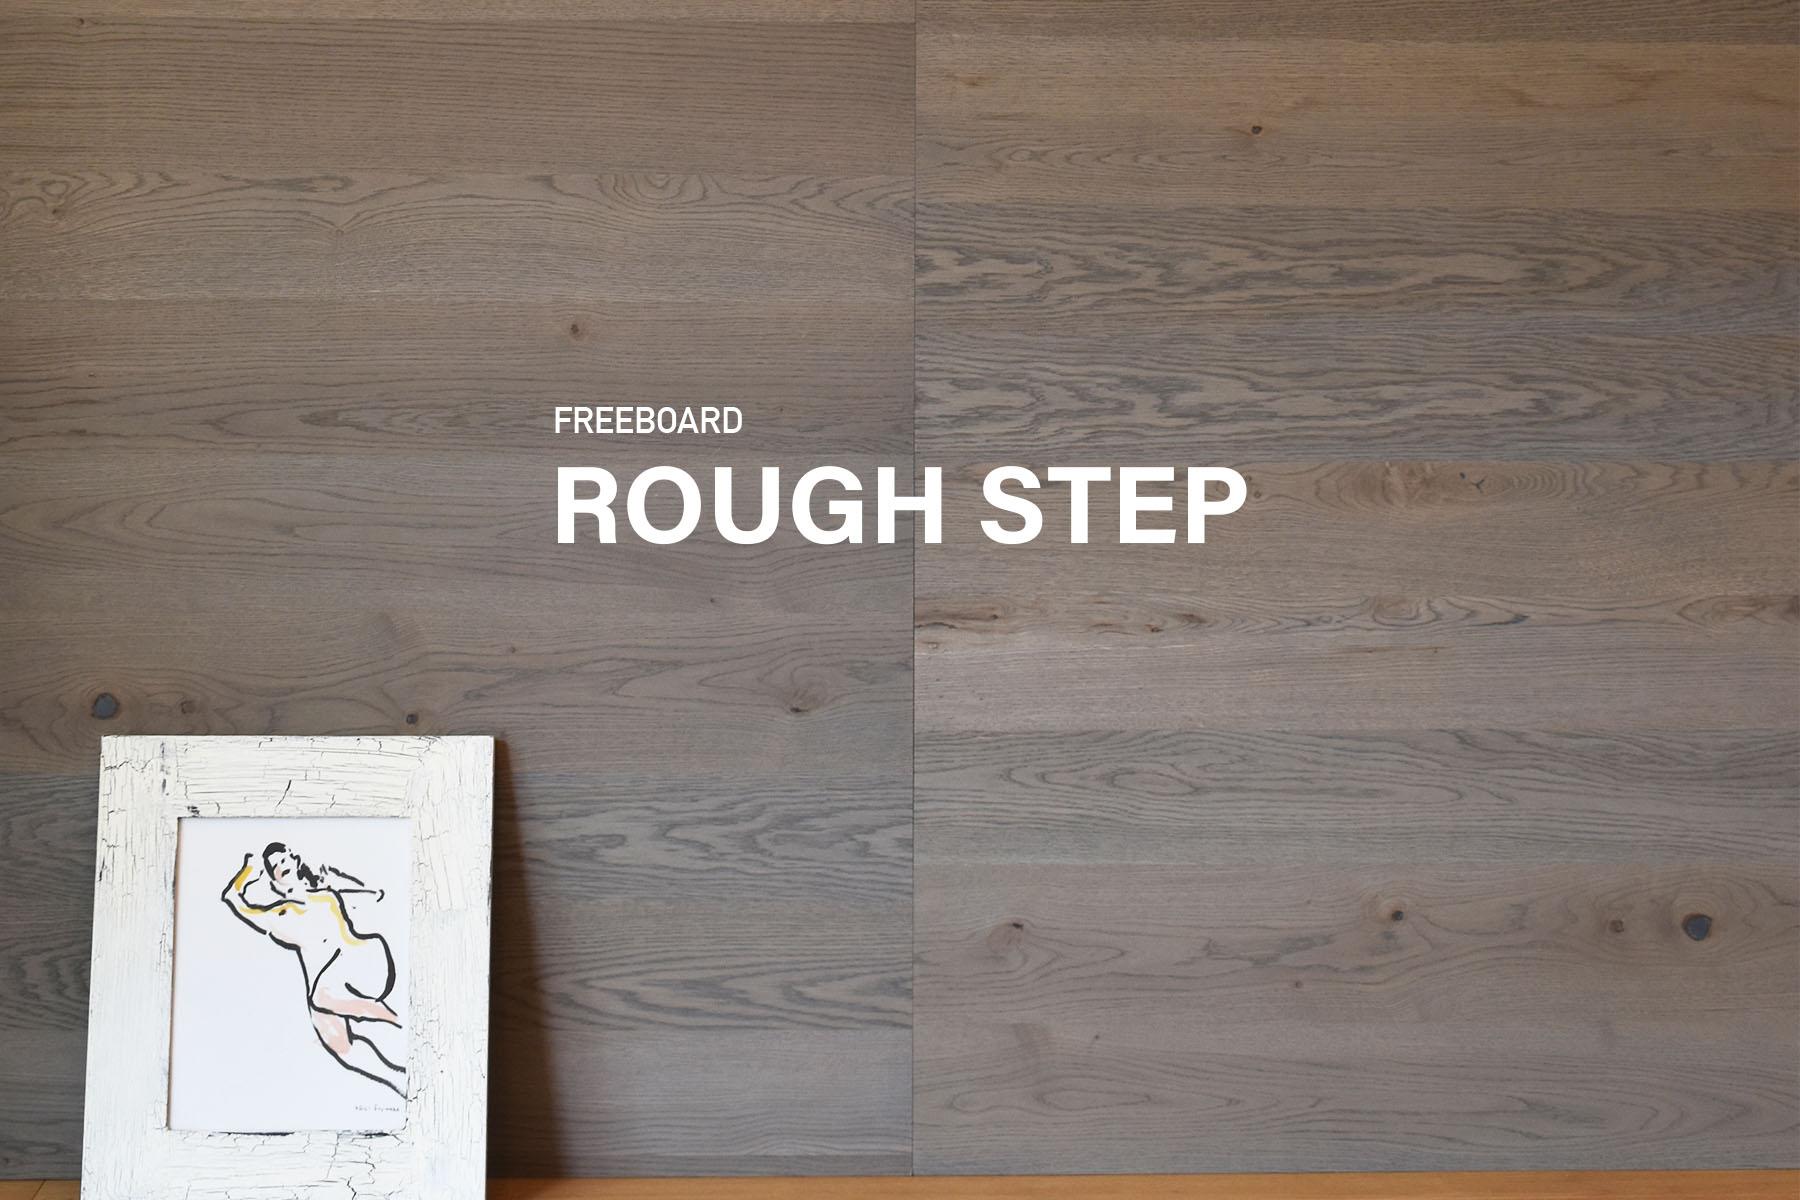 ROUGH STEP